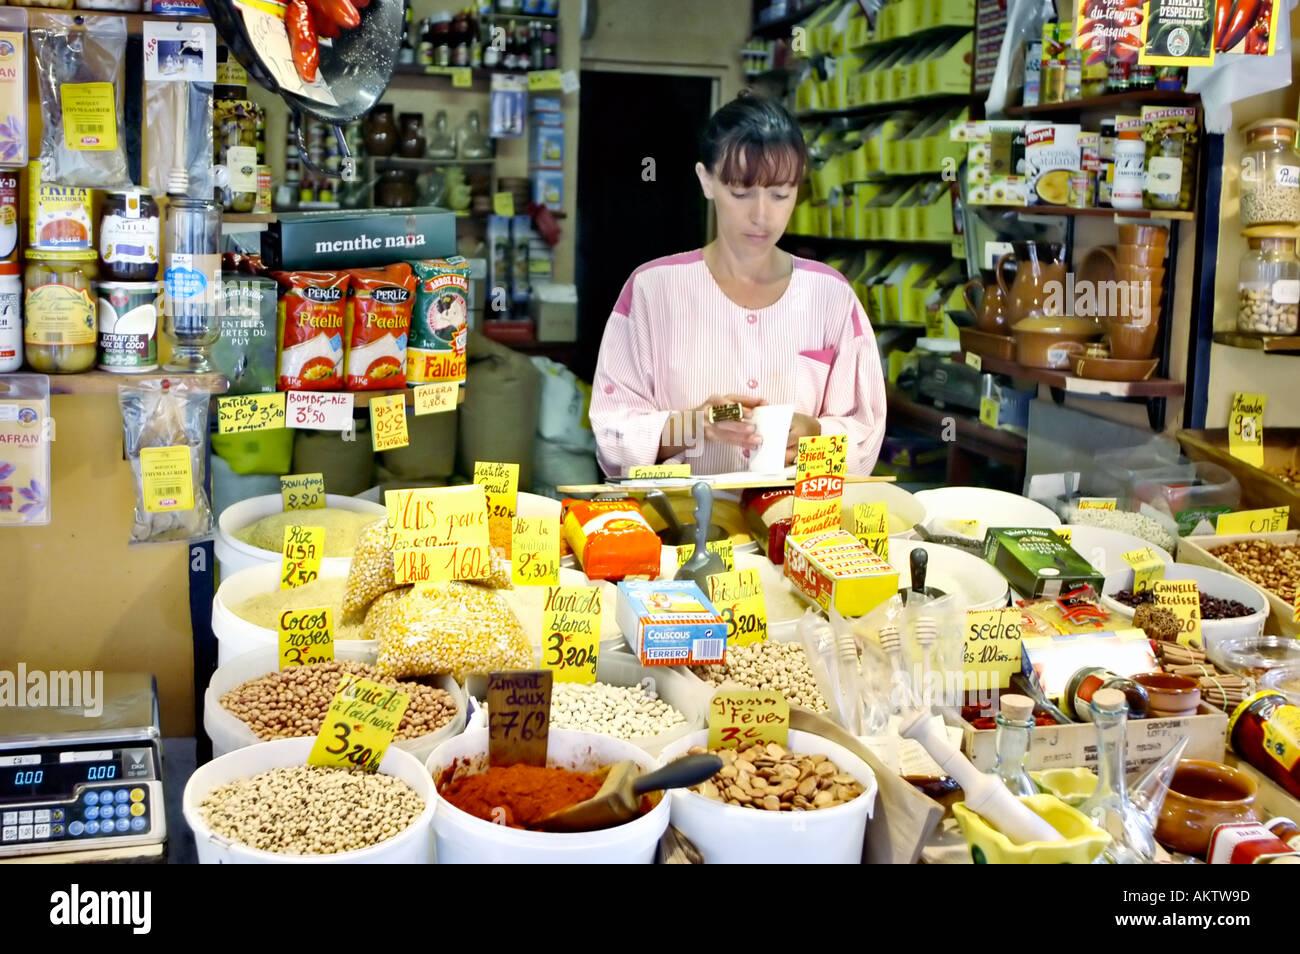 Perpignan, Francia, donna che lavorano in piccoli locali Fruttivendolo Deli sul marciapiede shop assistant, custode di negozio locale Immagini Stock